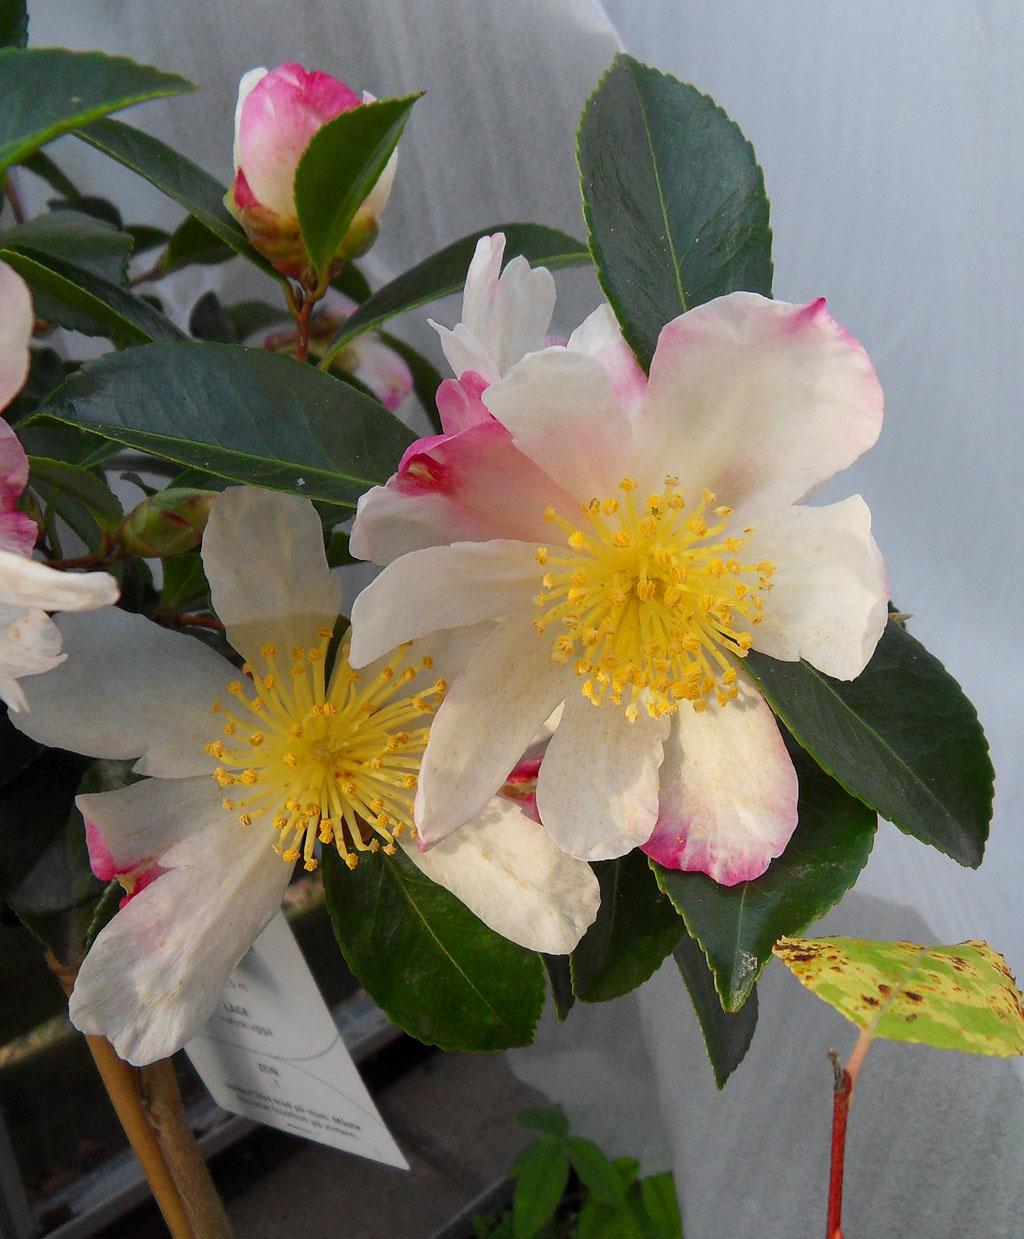 kamelia_blomma_1024x1239.jpgkamelia_blomma_1024x1239.jpg